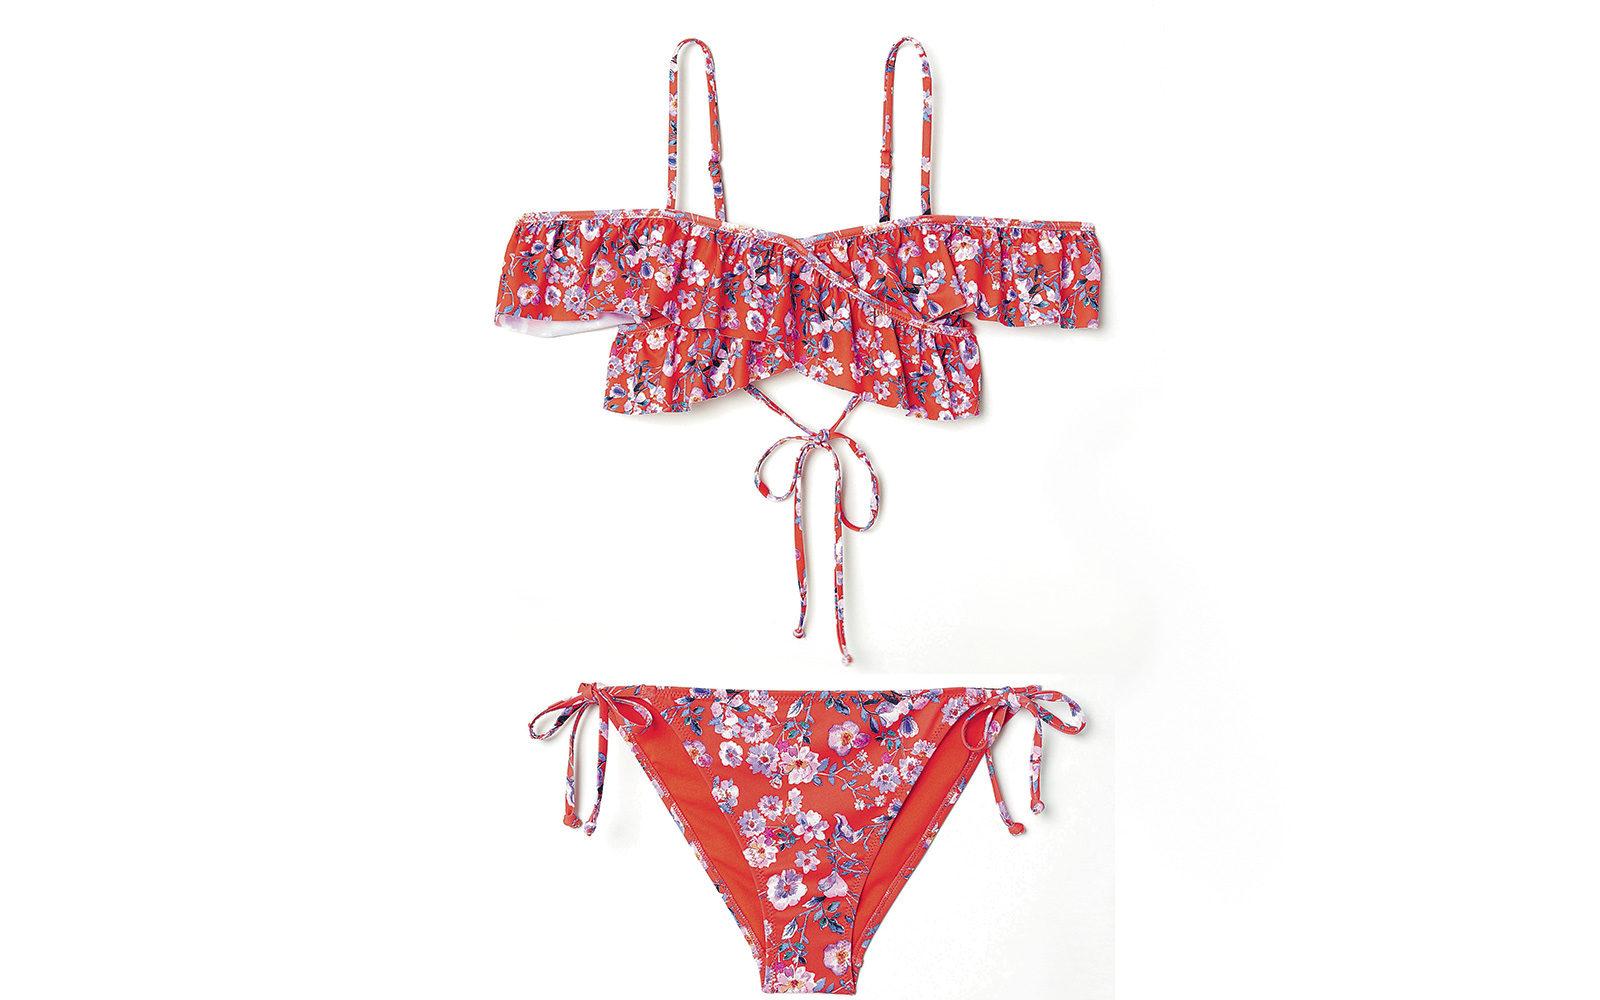 Top a fascia con voile incrociato davanti e slip a triangolo per il bikini rosso con fantasia floreale di H&M (19,99  e 9,99 euro).